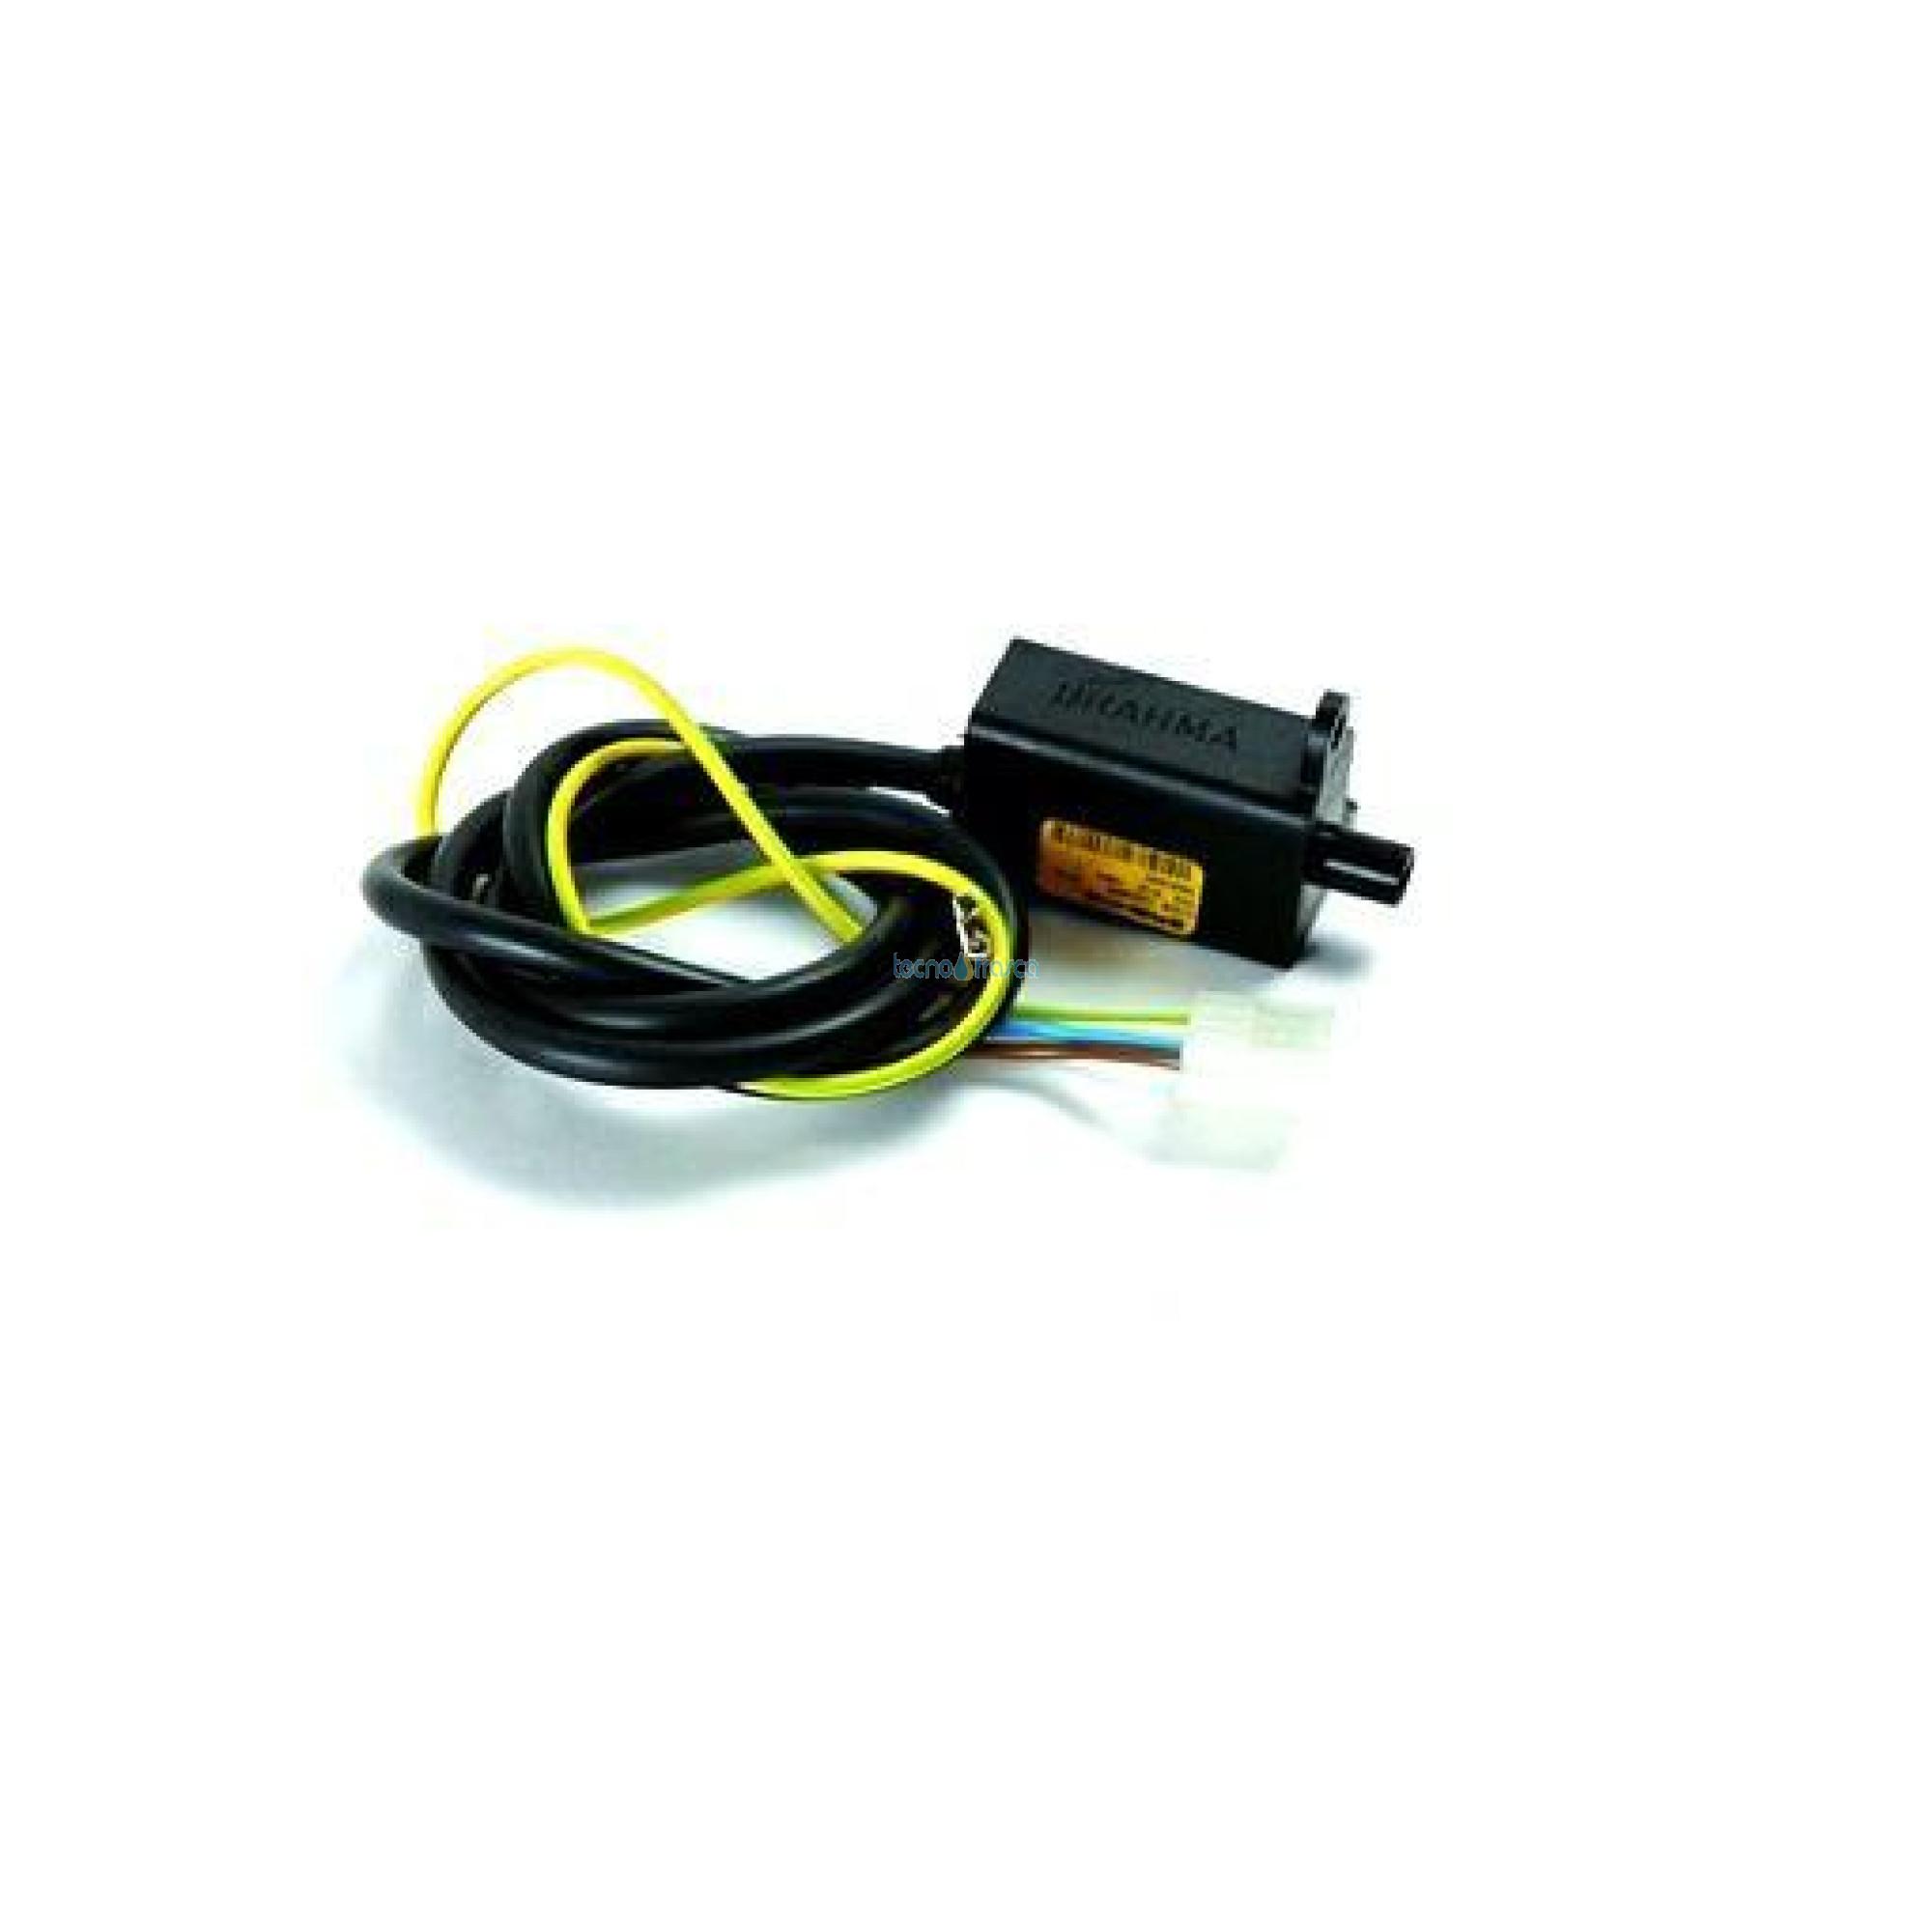 Beretta trasformatore di accensione tr5 r10022659